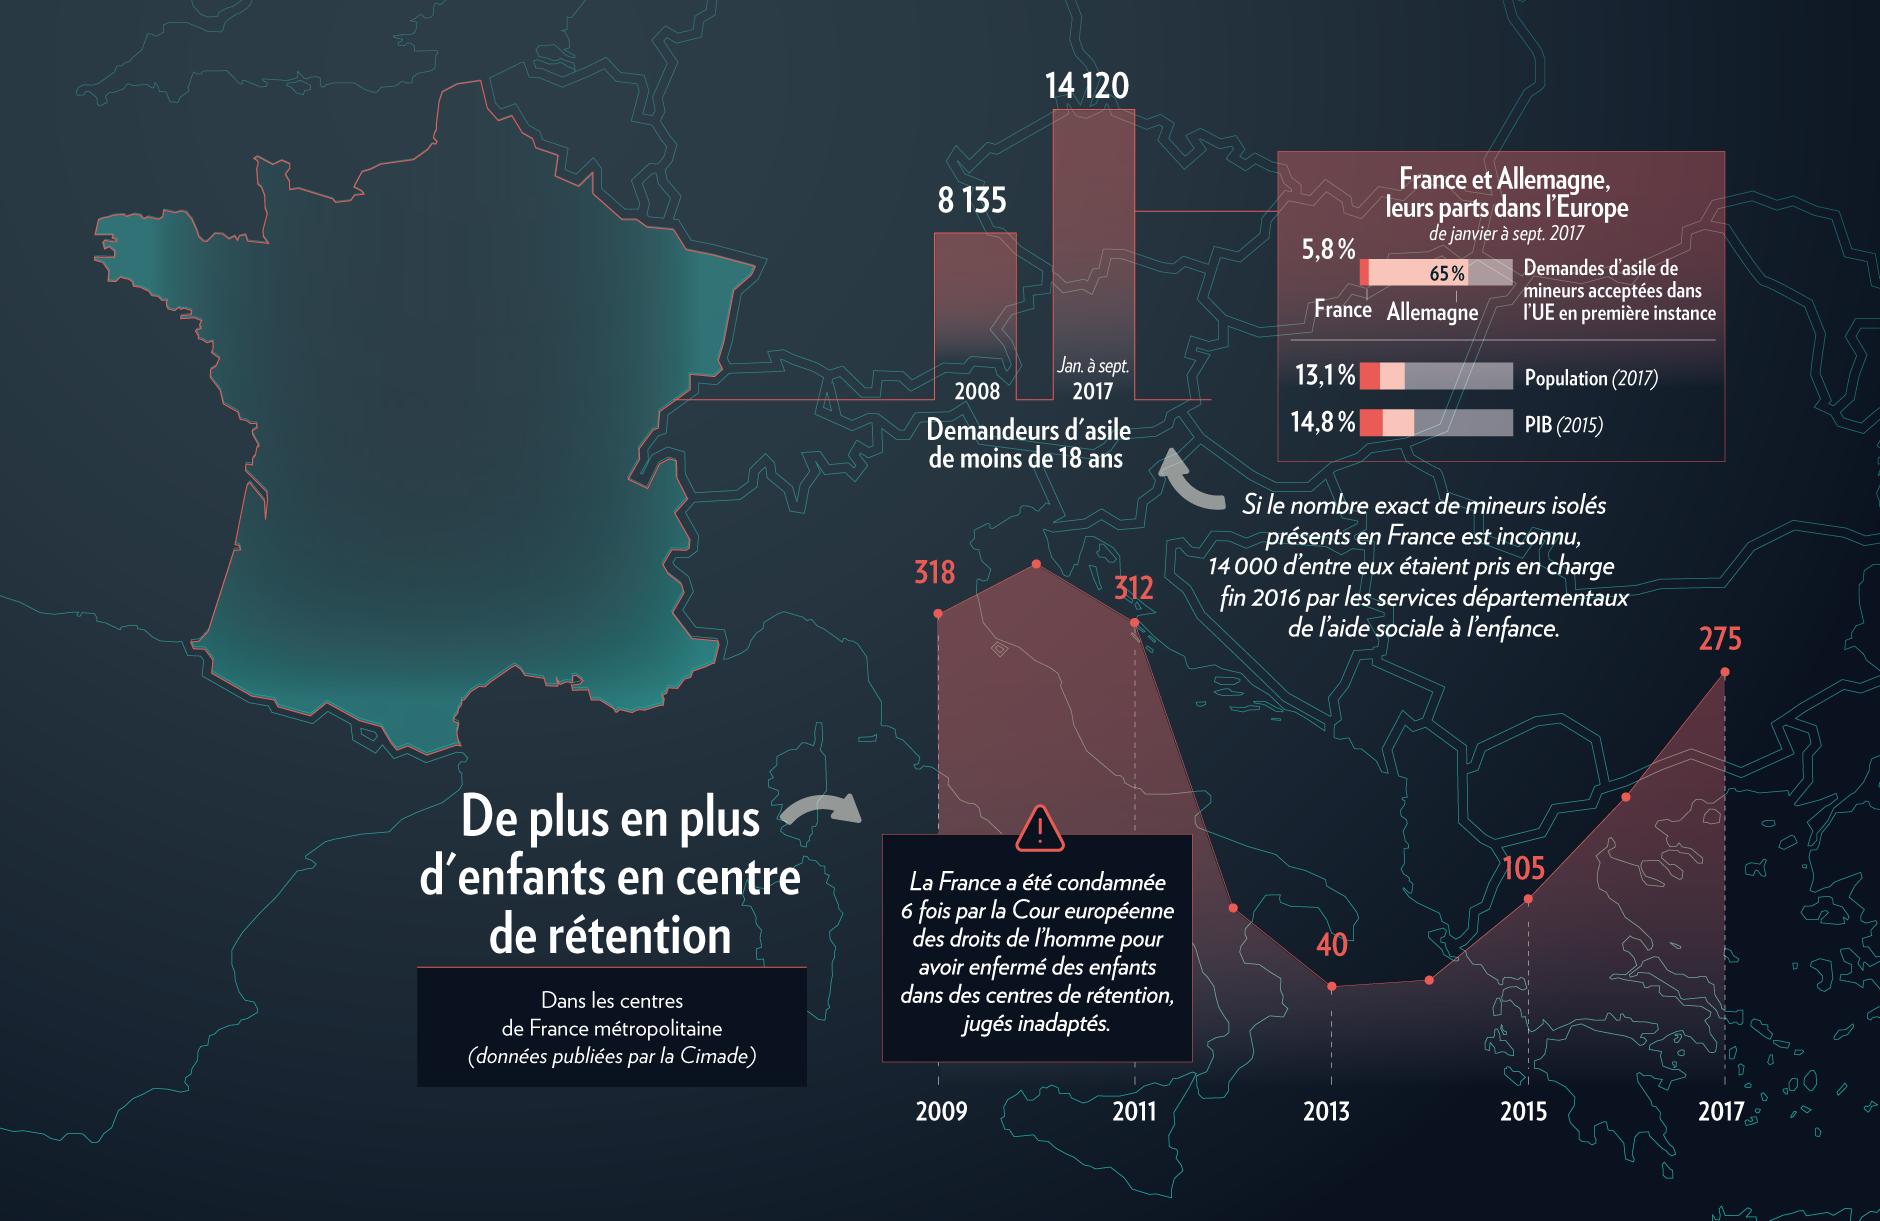 La France et le droit d'asile pour les enfants